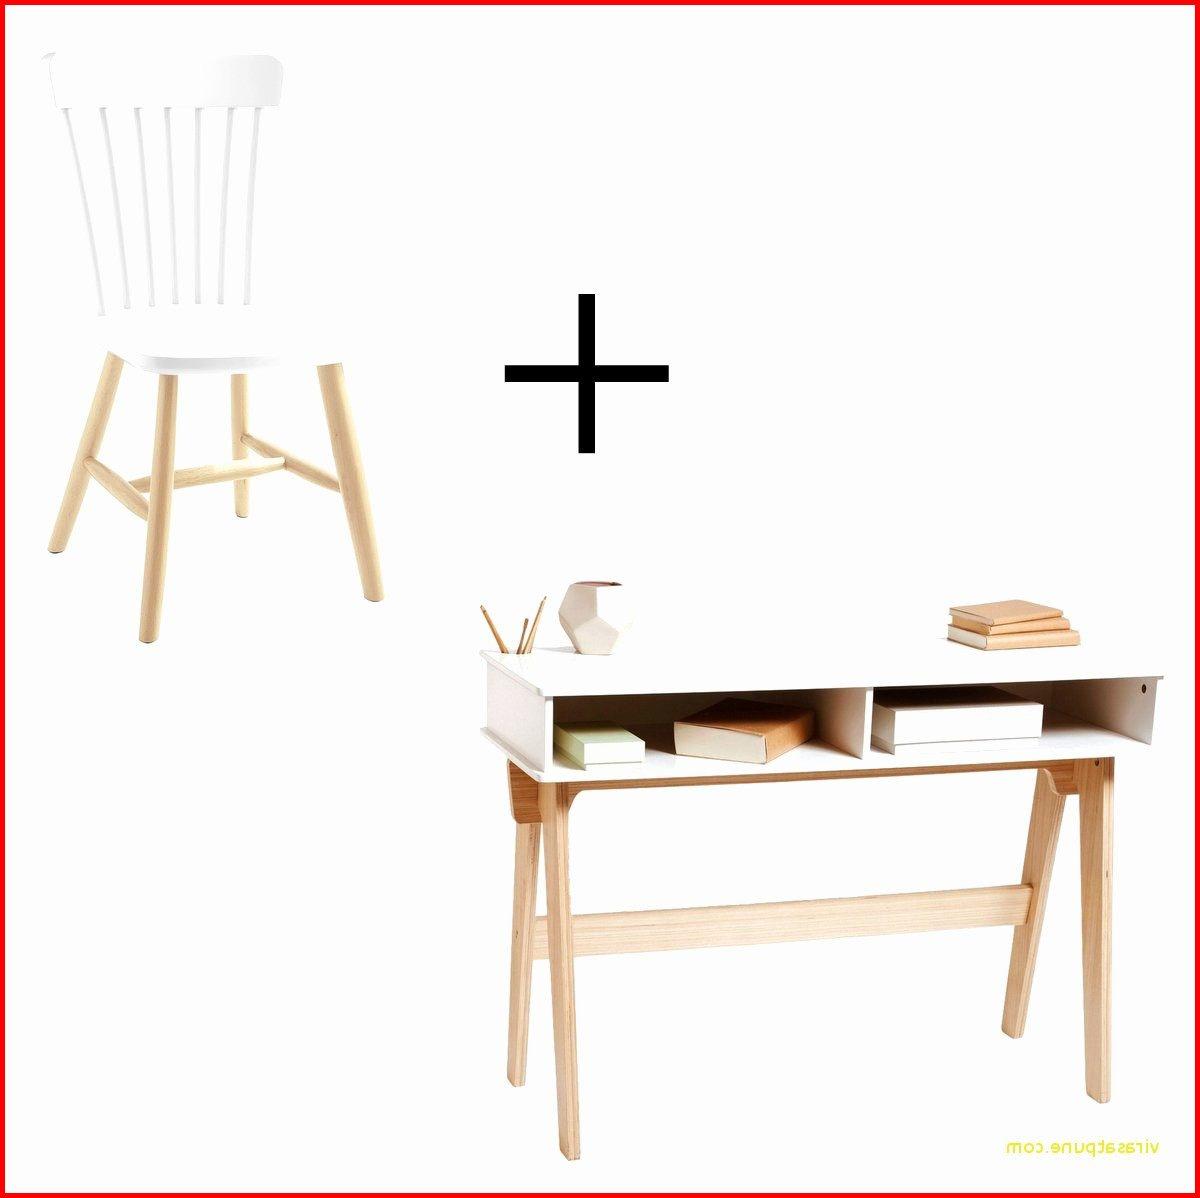 Ikea Lit Surélevé Magnifique Bureau Junior Fille Chaise De Bureau Alinea Chaud Chaise De Bureau